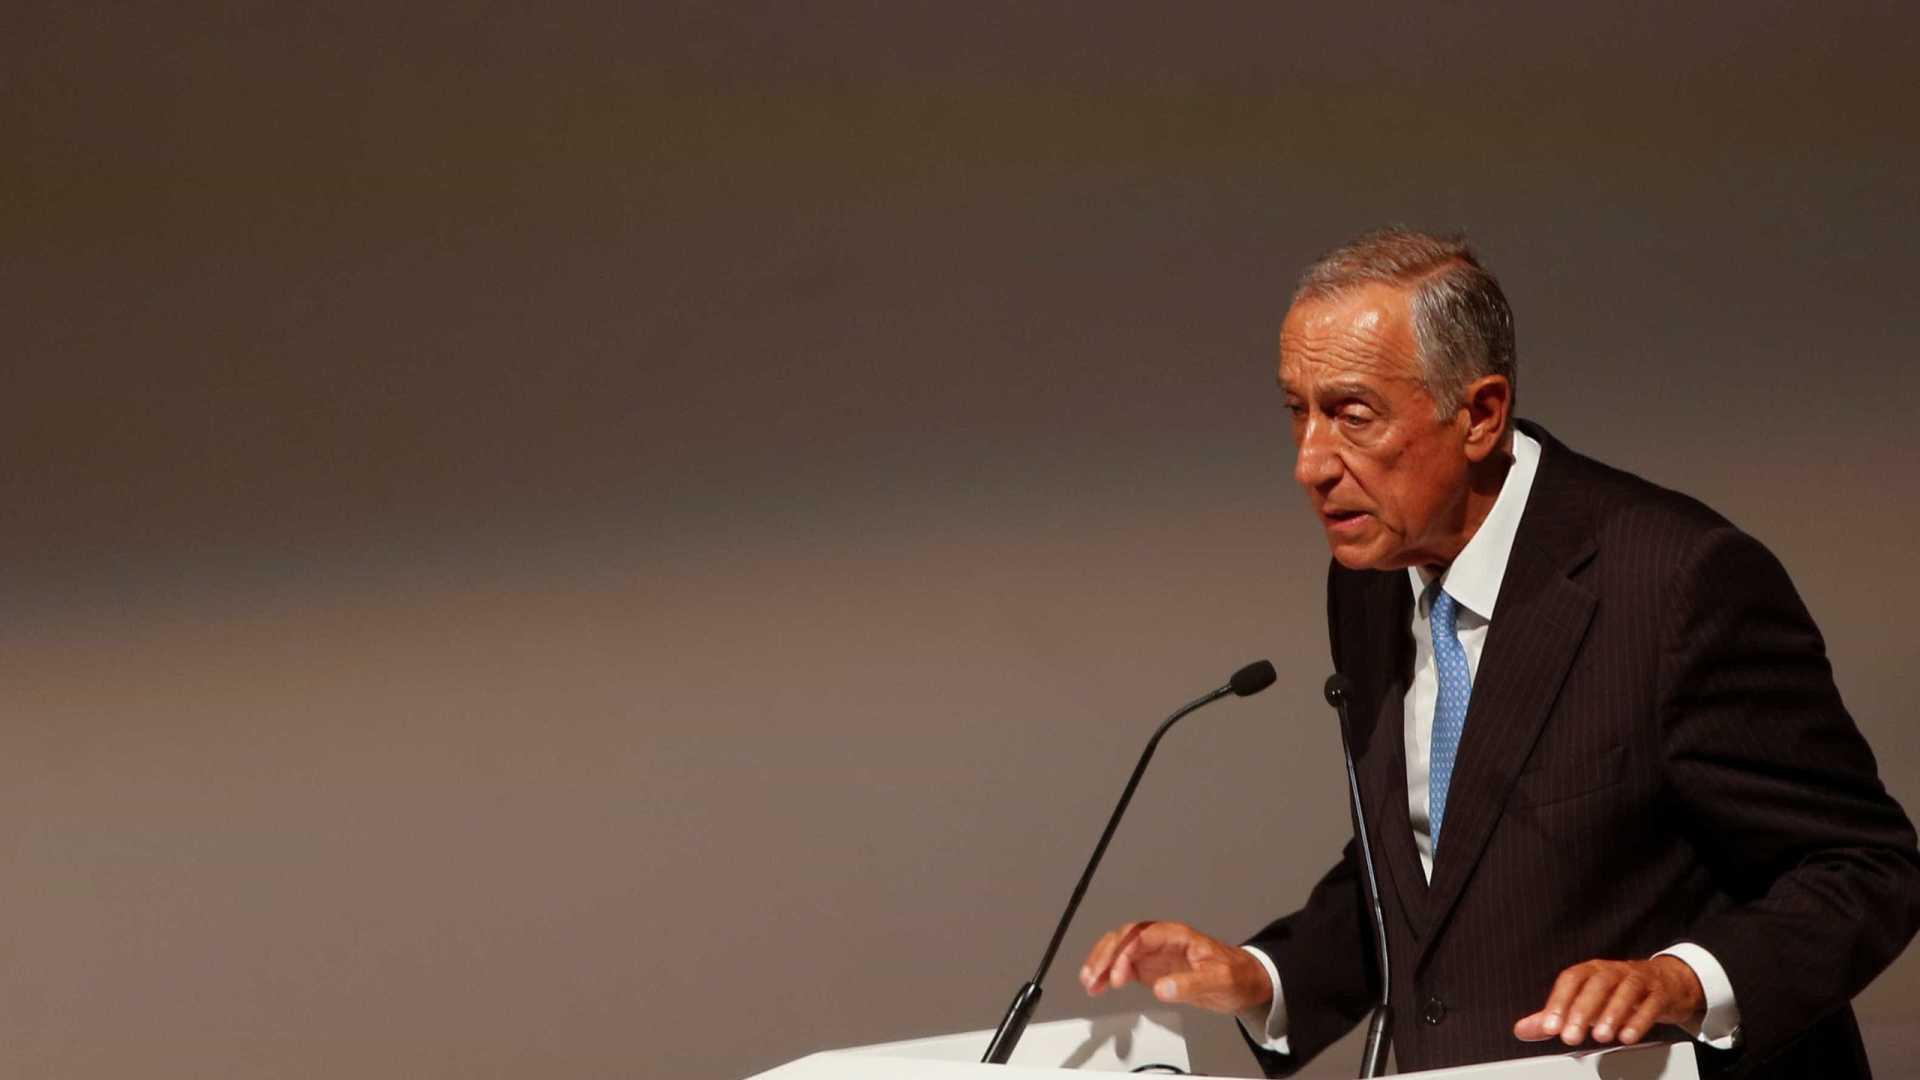 naom 59c8af2712055 - Presidente de Portugal é chamado de 'jumento'; MAI apura cirscuntâncias do post